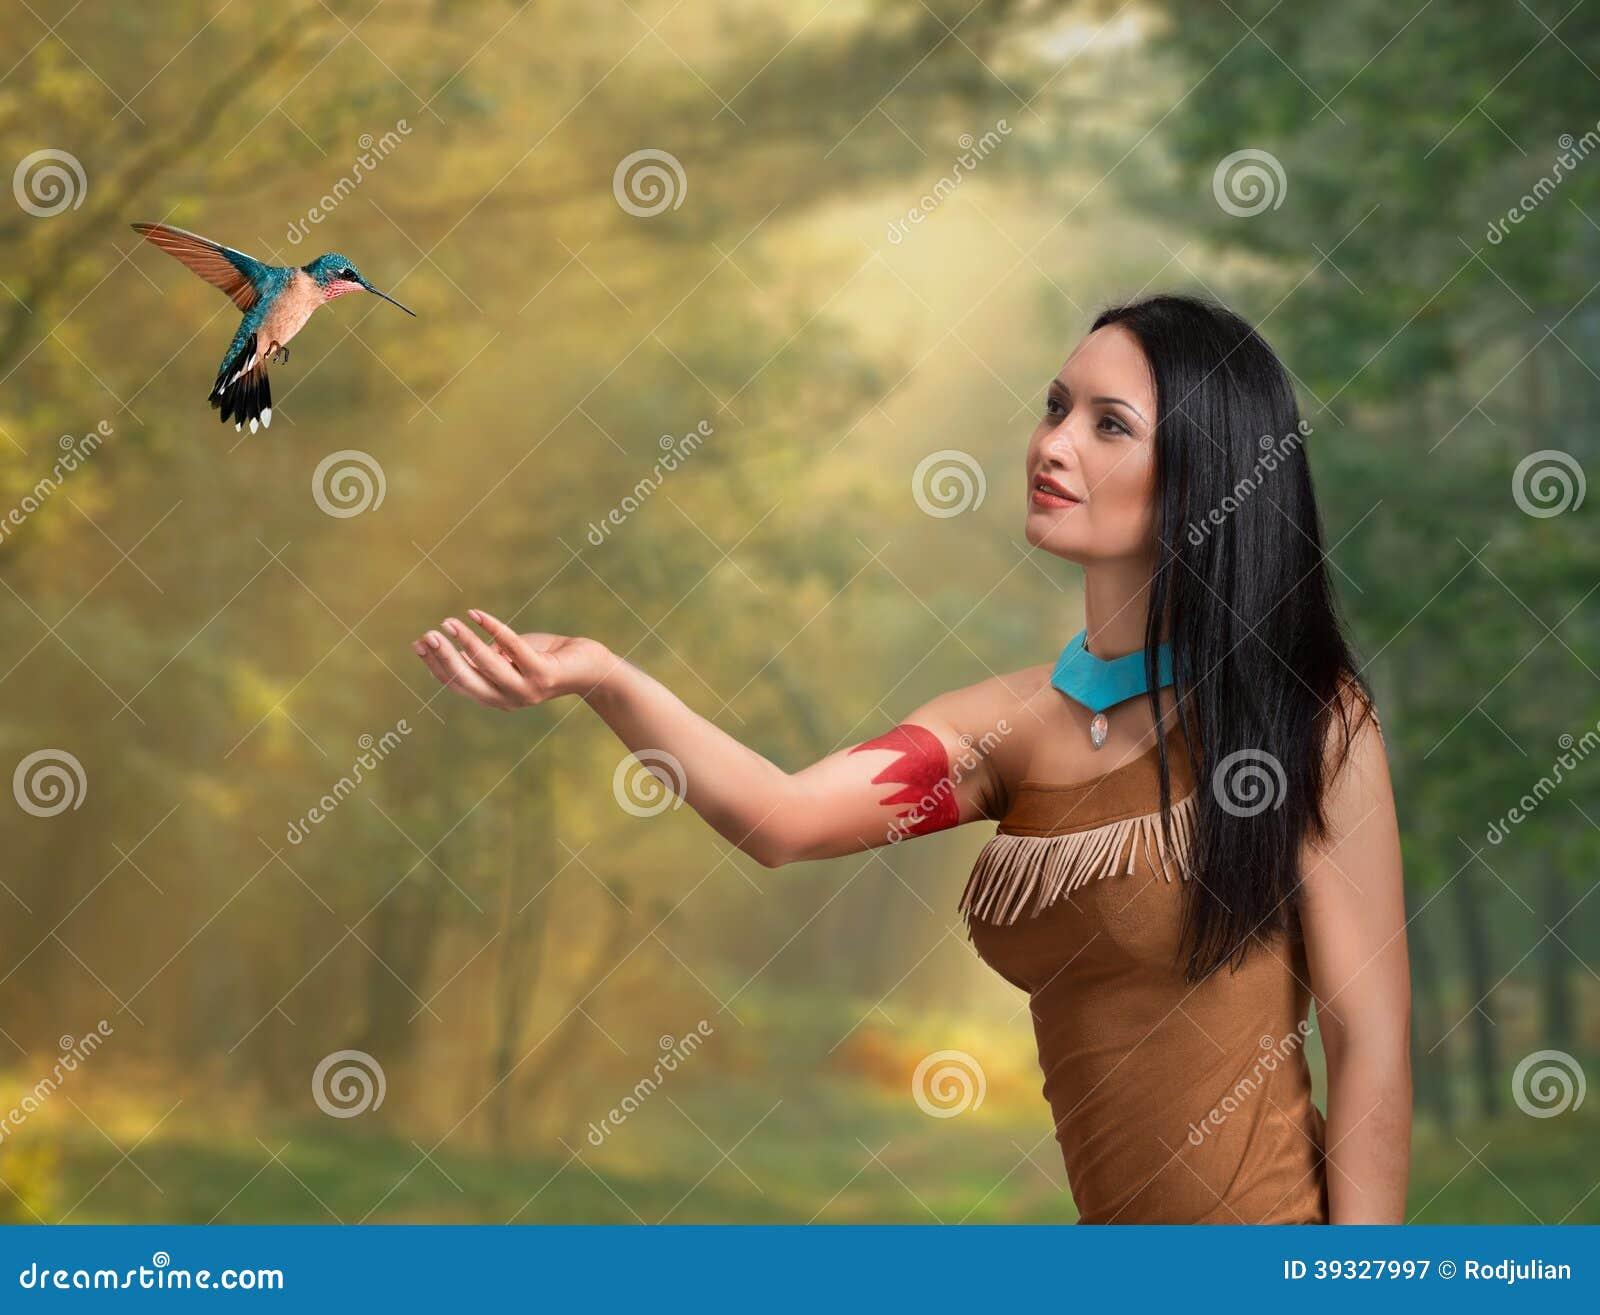 Kvinnlig druid